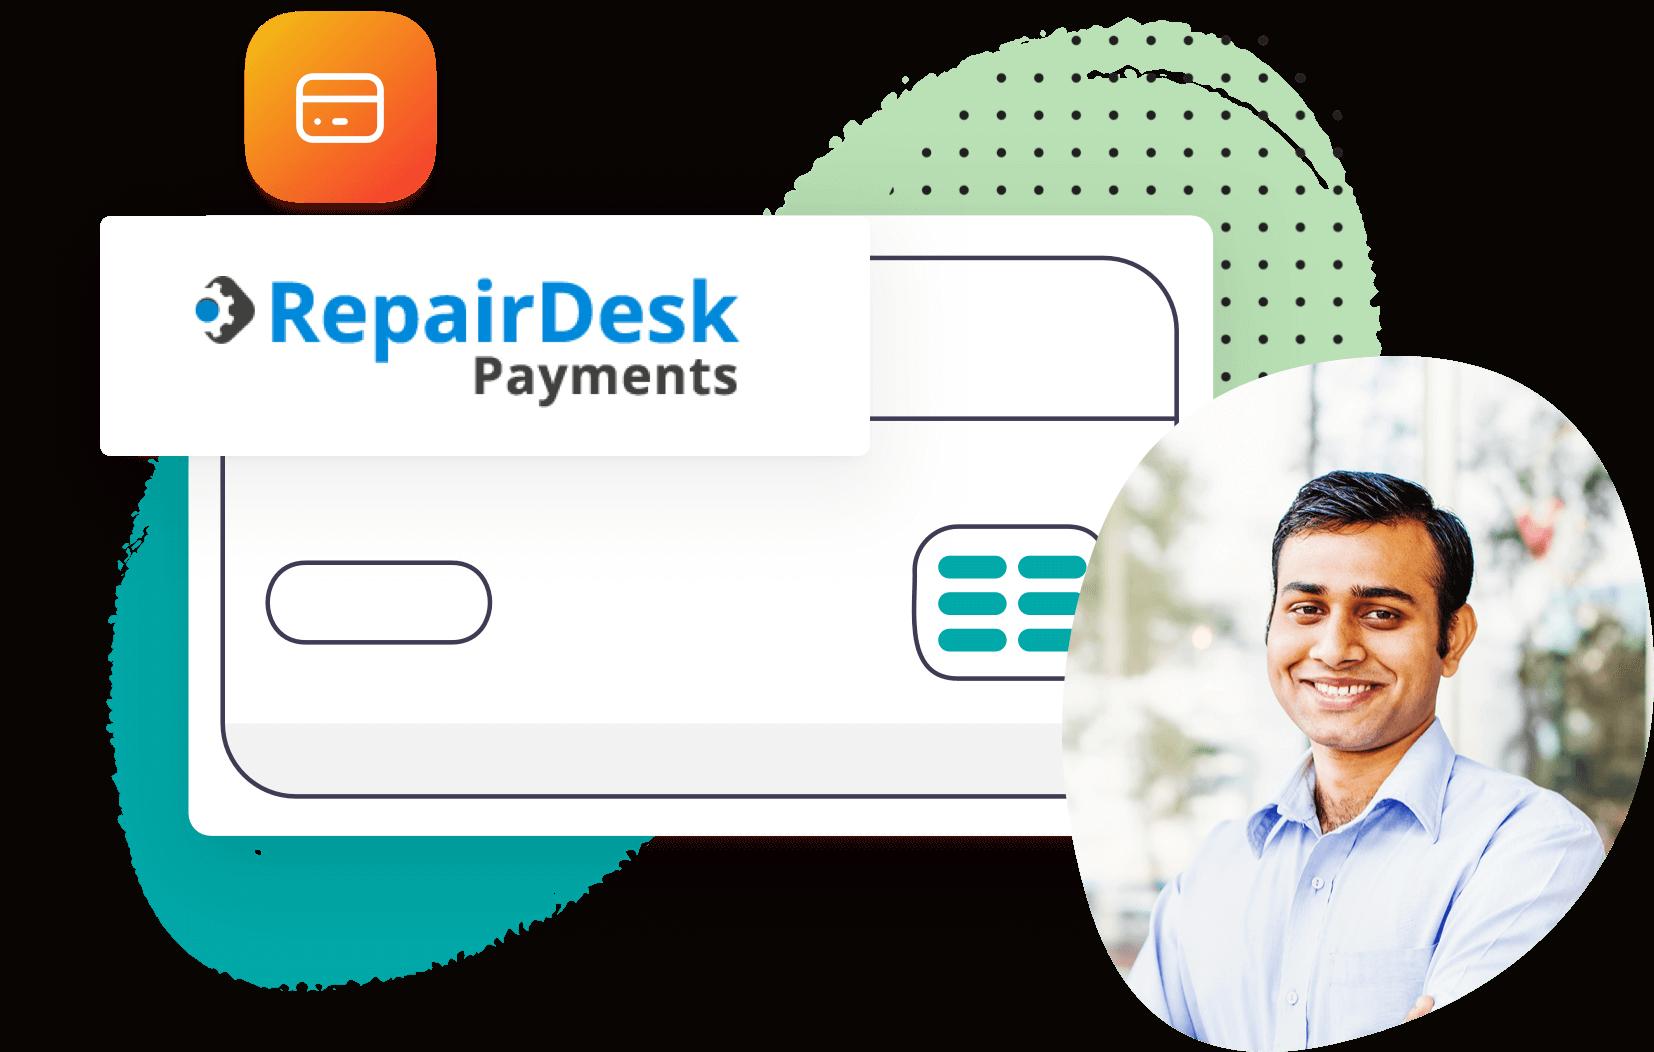 RepairDesk-payments